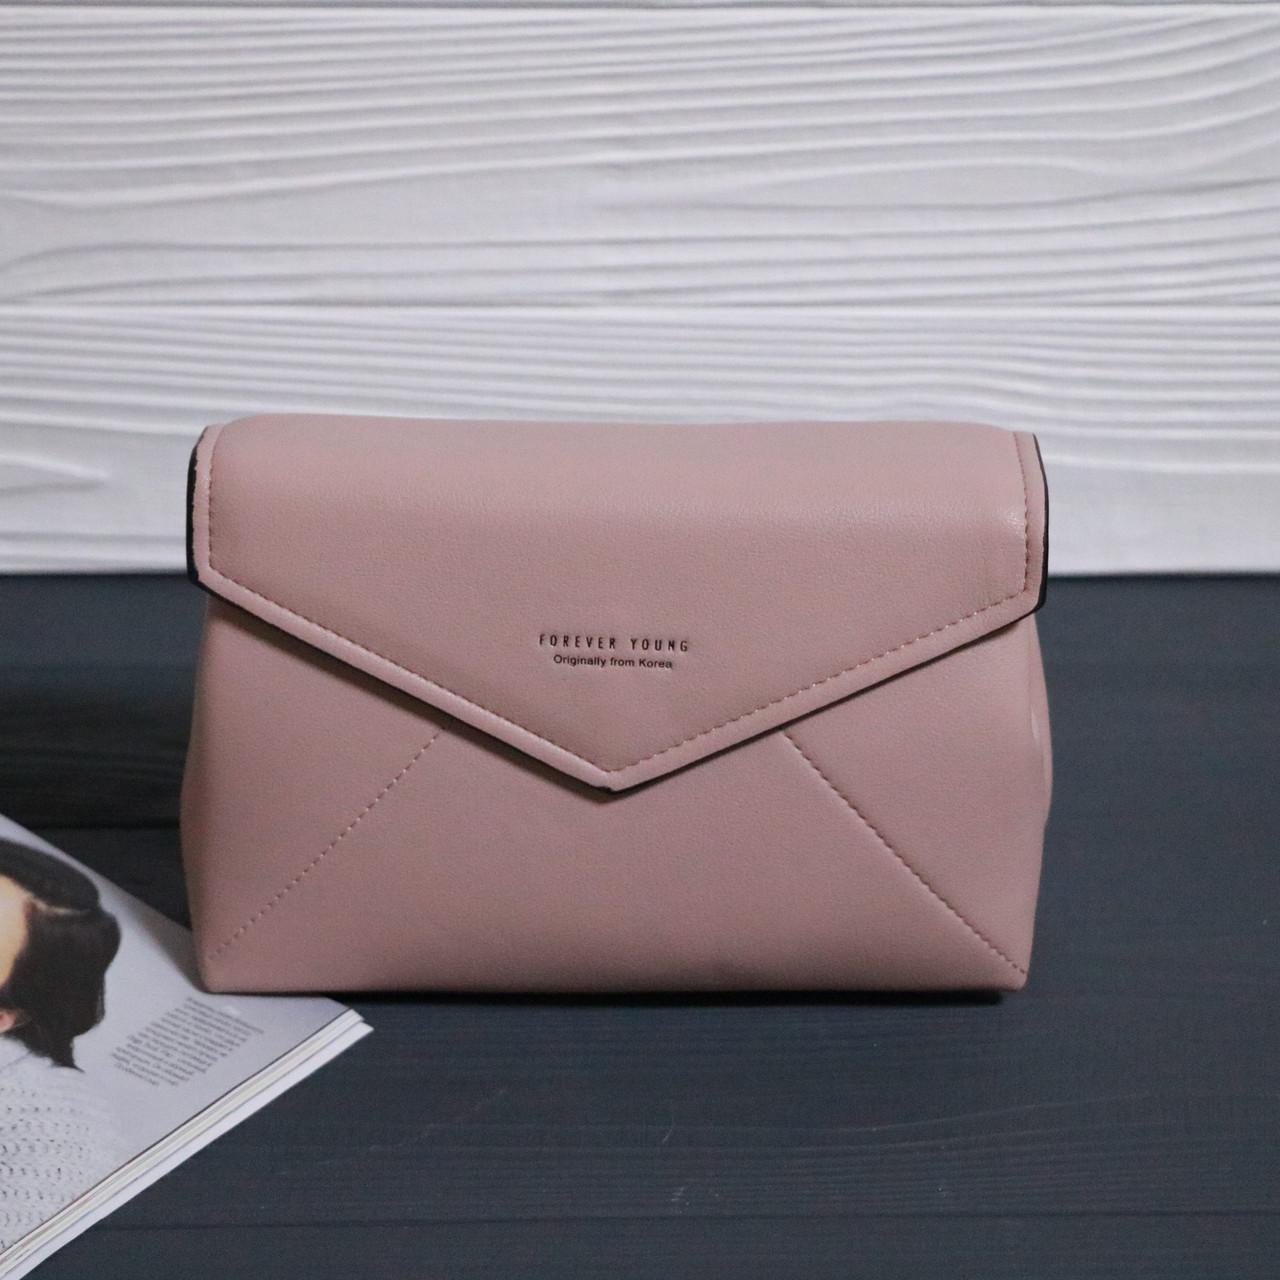 f8bc2bbf8d28 Женская сумка конверт Forever young Нежно-розовая, цена 350 грн., купить в  Обухове — Prom.ua (ID#890497720)